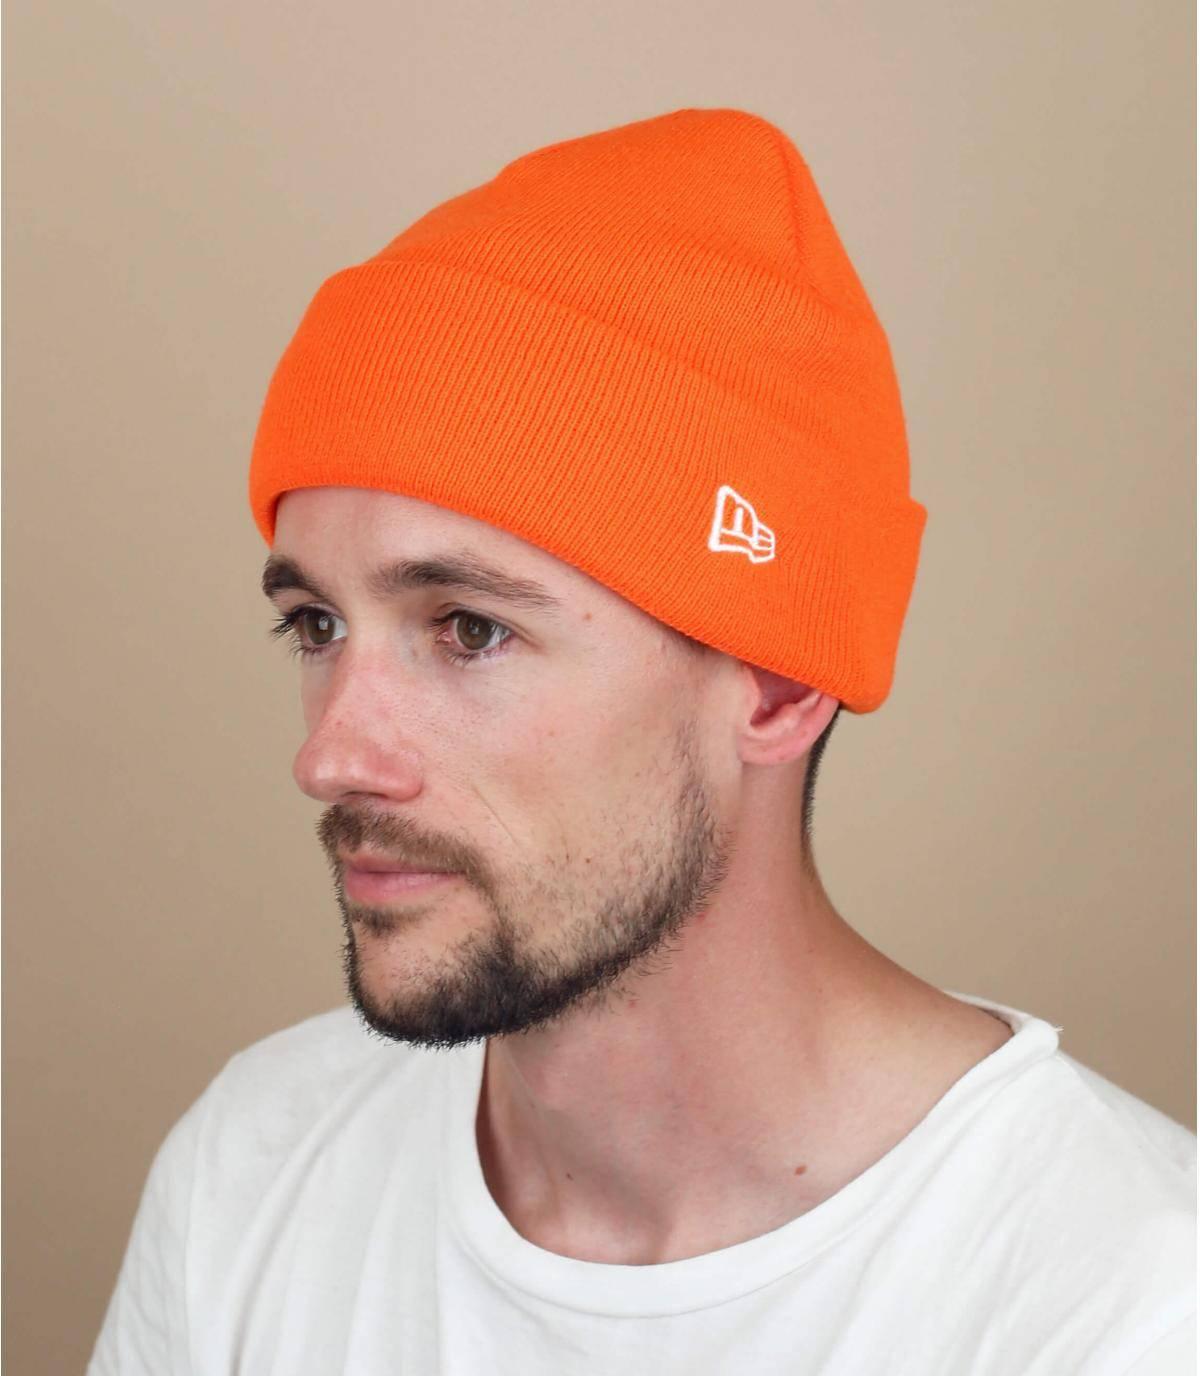 Mütze New Era orange